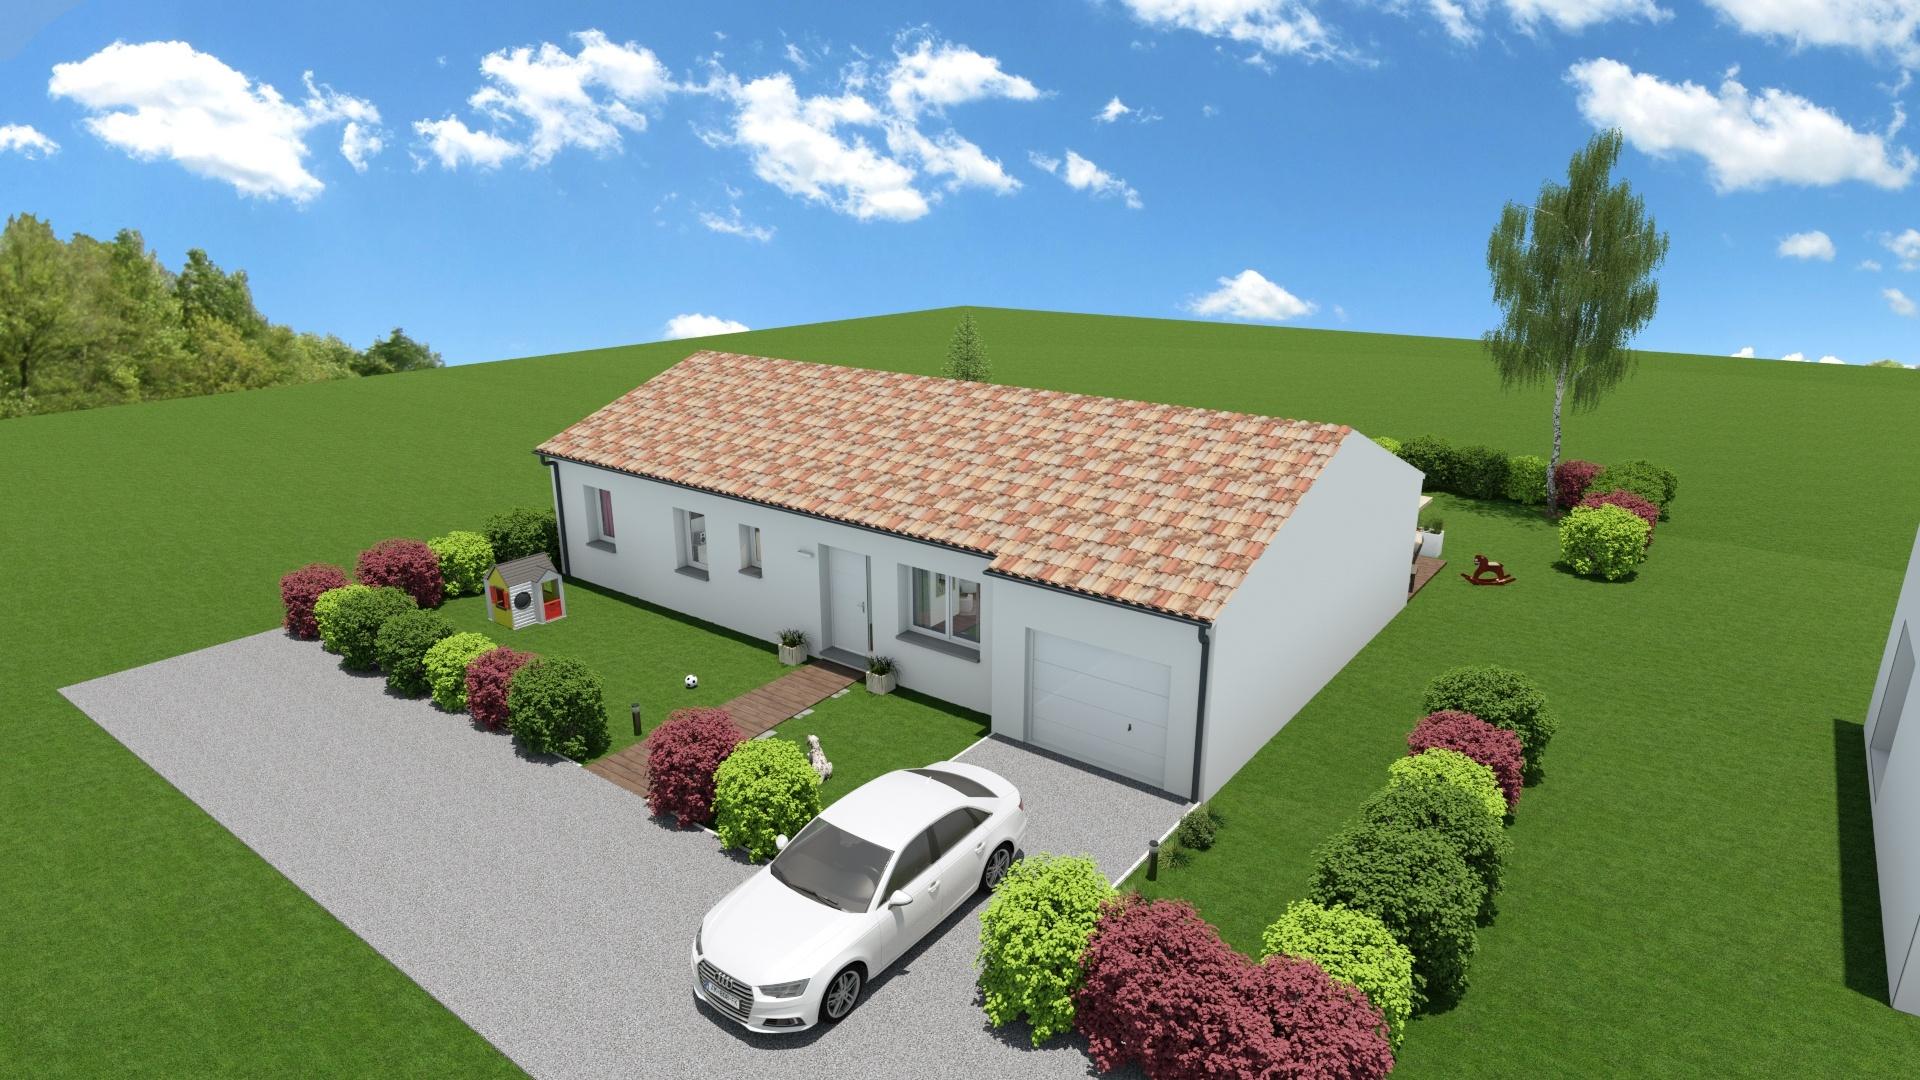 Maisons + Terrains du constructeur Maison Familiale Toulouse • 116 m² • LAPEYROUSE FOSSAT